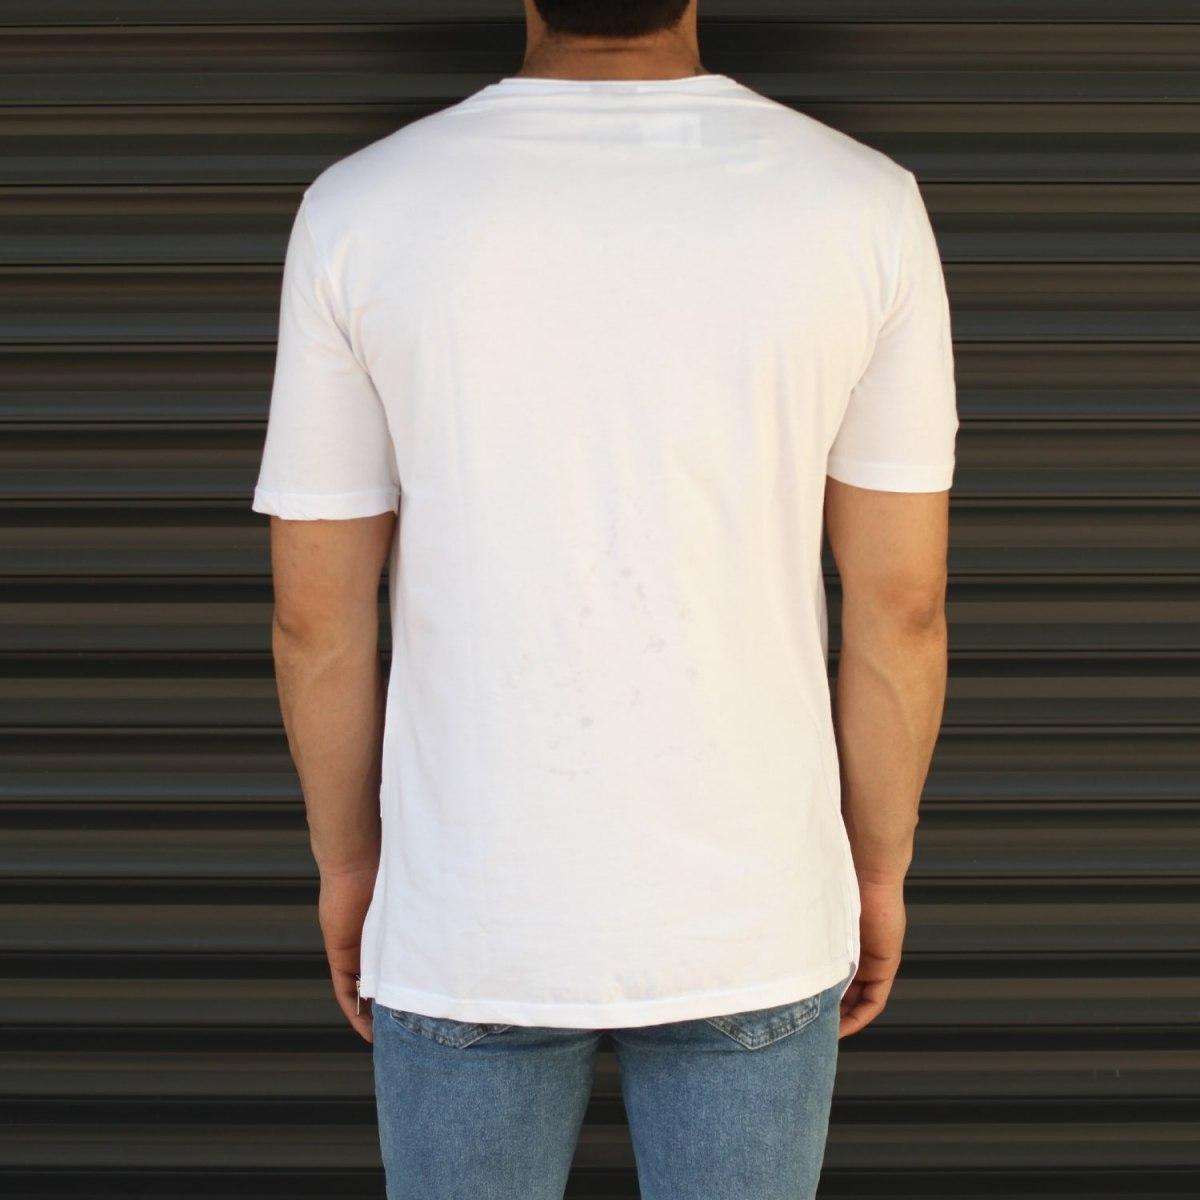 Men's Cross-Pieced Round Neck T-Shirt In White Mv Premium Brand - 4